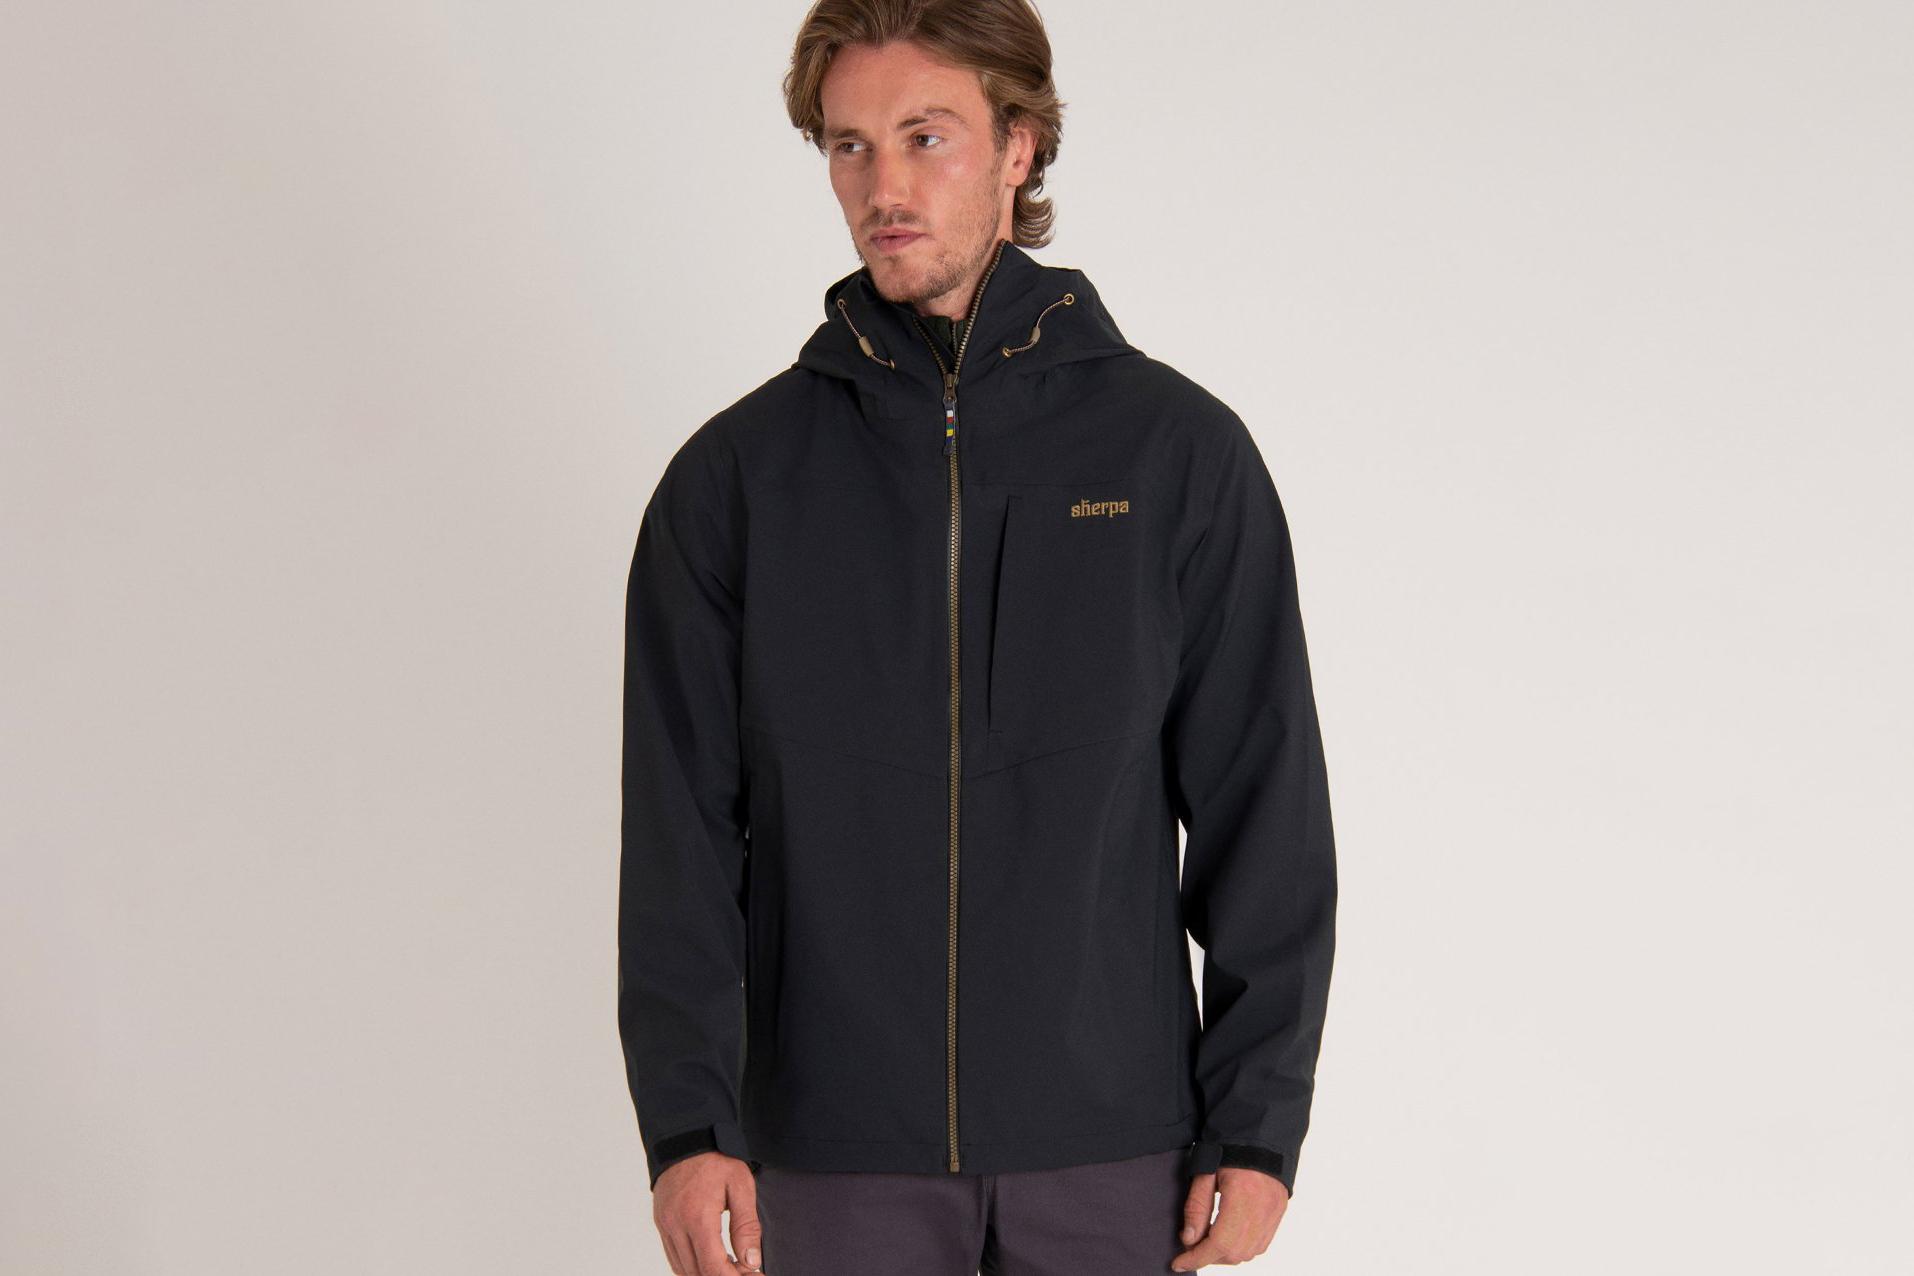 Sherpa Pumori rain jacket